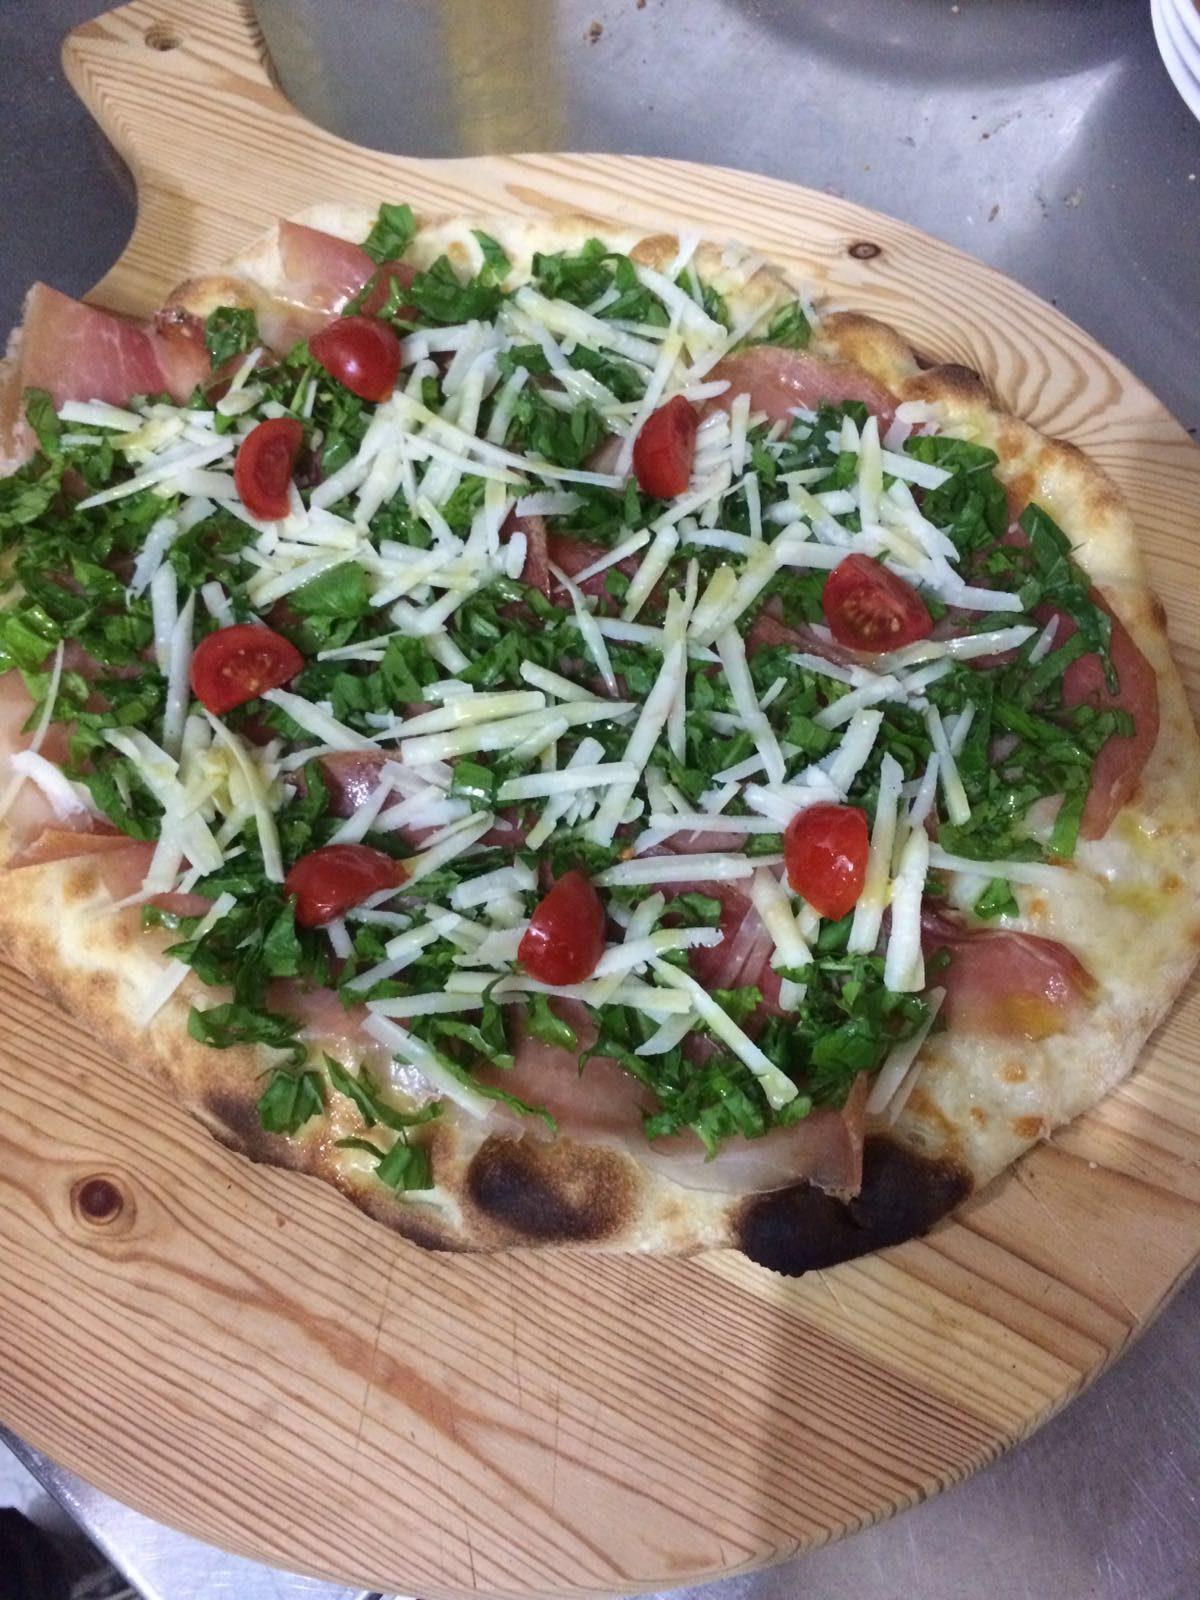 Pizza con prosciutto, rucola, pomodorini e scaglie di parmigiano.